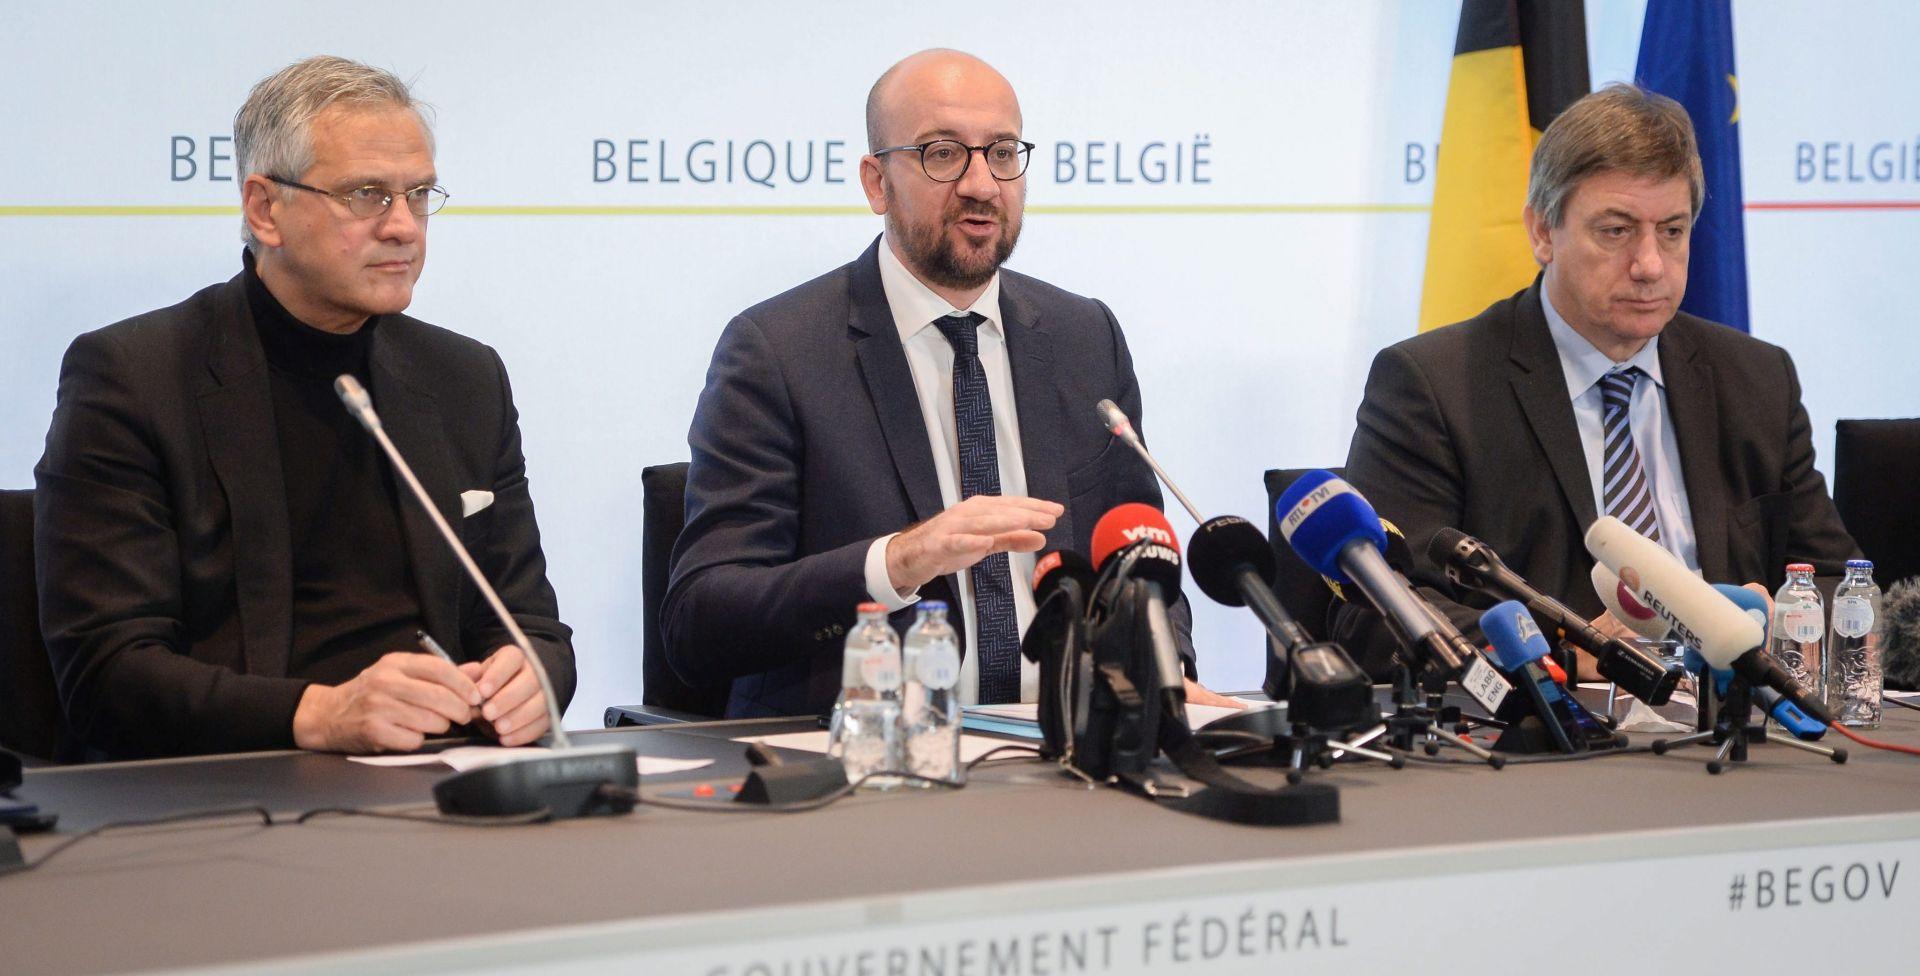 Charles Michel: Uzbuna u Bruxellesu podignuta zbog opasnosti od napada poput onih u Parizu